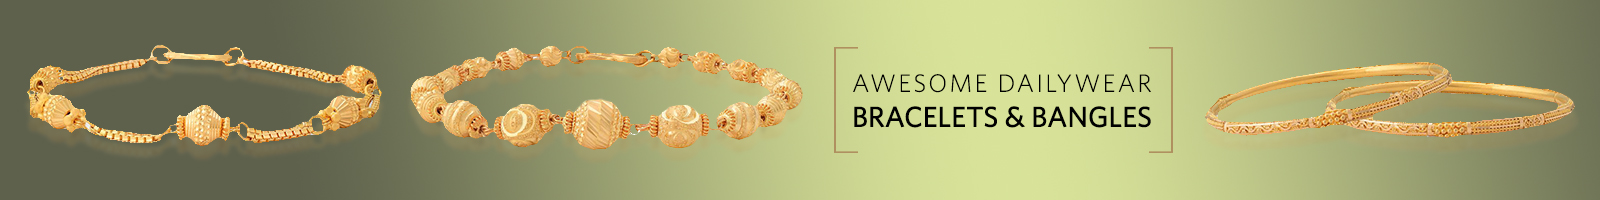 Daily Wear Bangles & Bracelets Online | PN Gadgil Jewellers